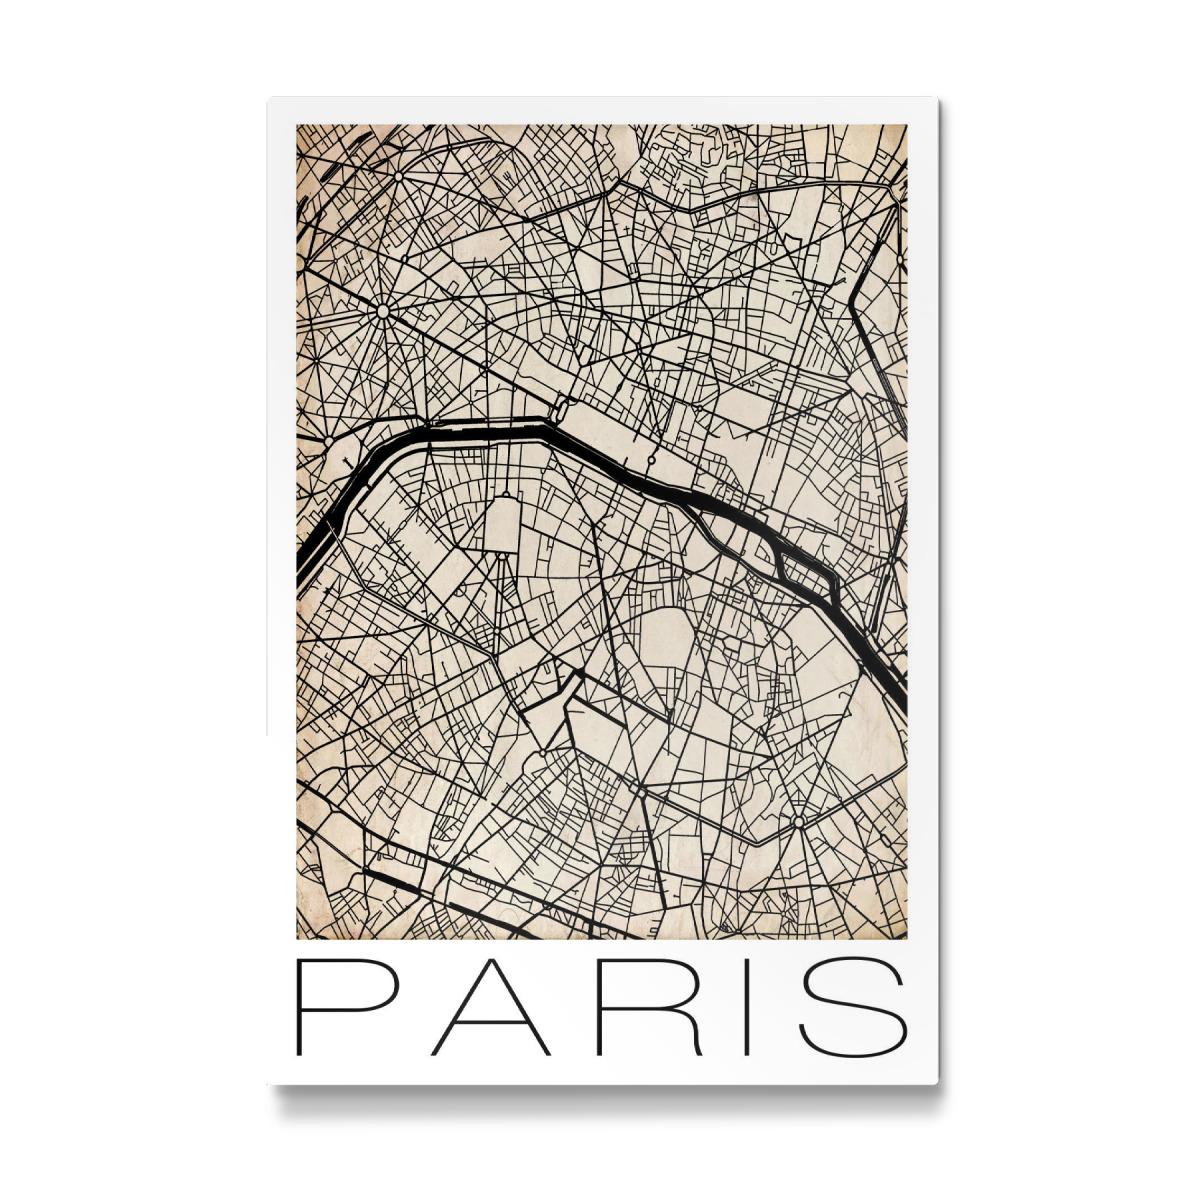 Retro City Map Paris als Galerie-Print bei artboxONE kaufen